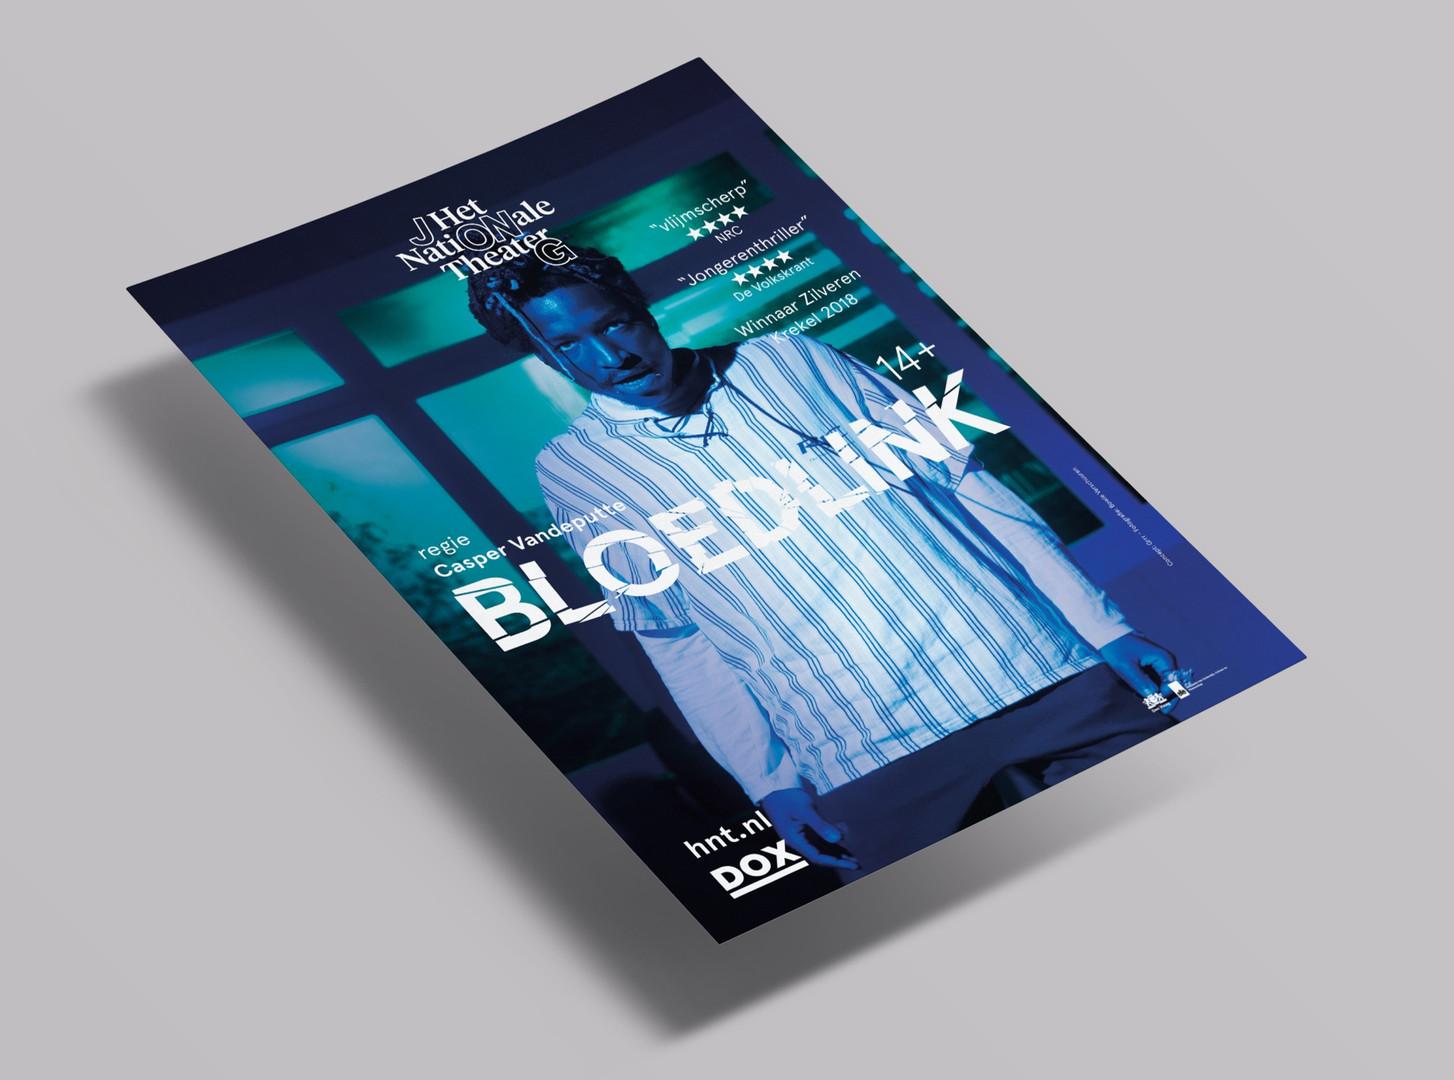 Bloedlink_floating%20flyer%20mockup_edit